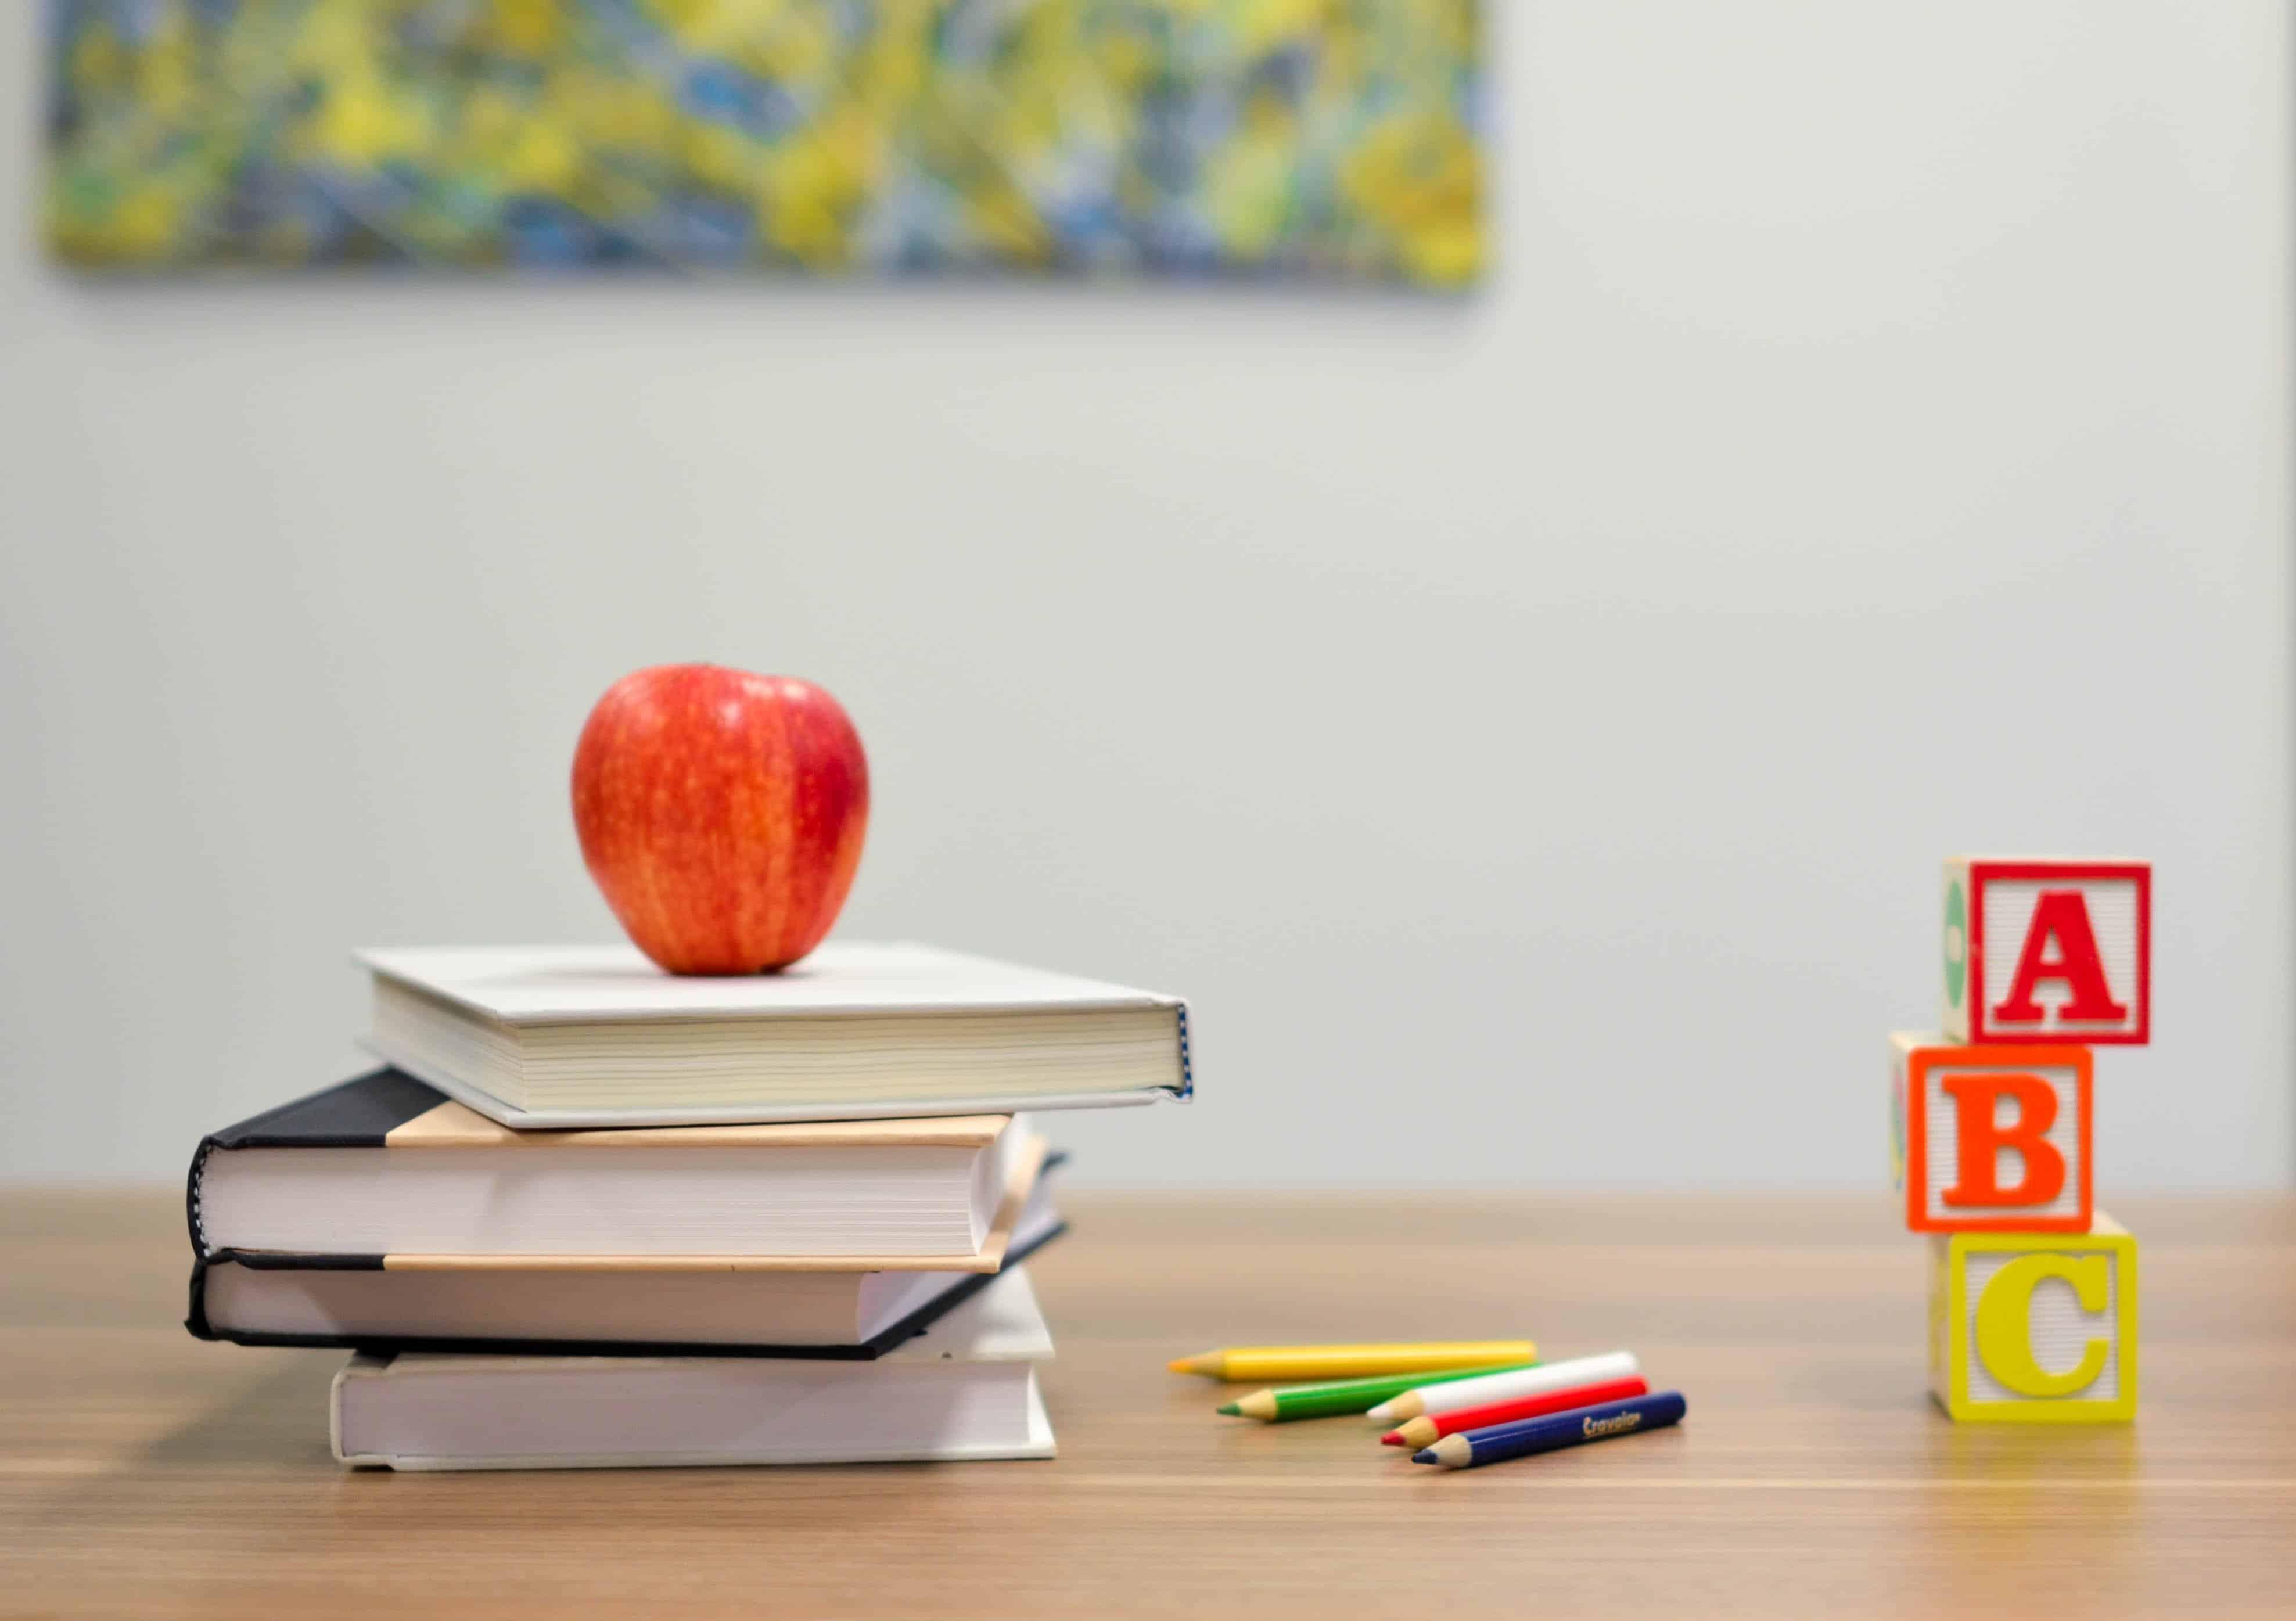 Libros y educación, claves de por qué en Finlandia son tan felices